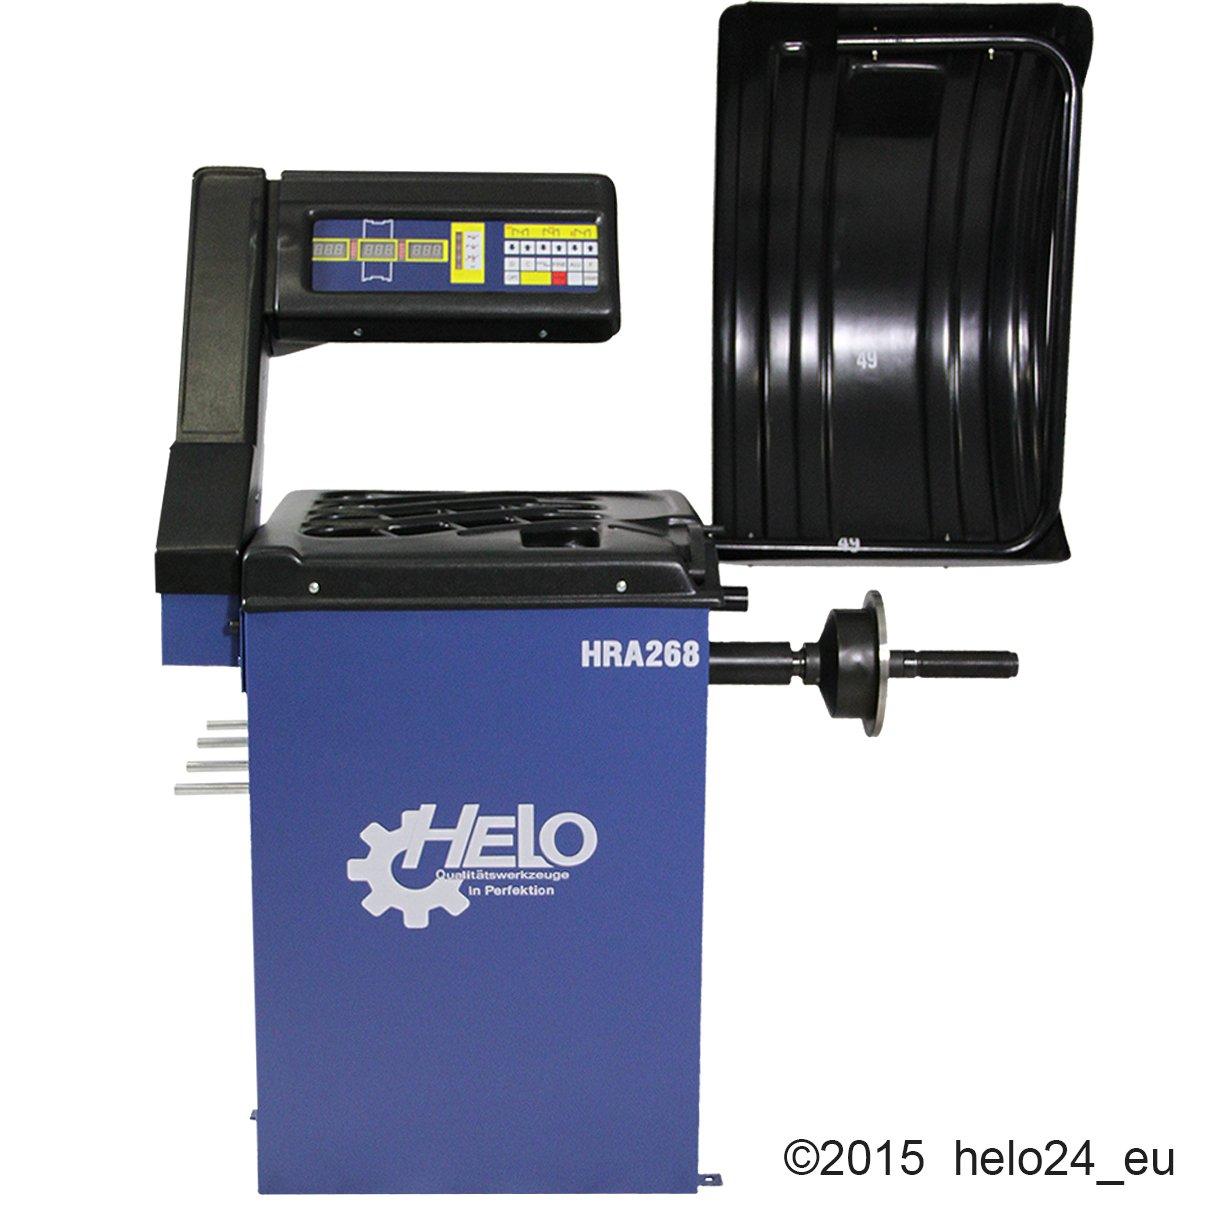 Máquina equilibradora de ruedas HRA 268 con software integrado: Amazon.es: Coche y moto